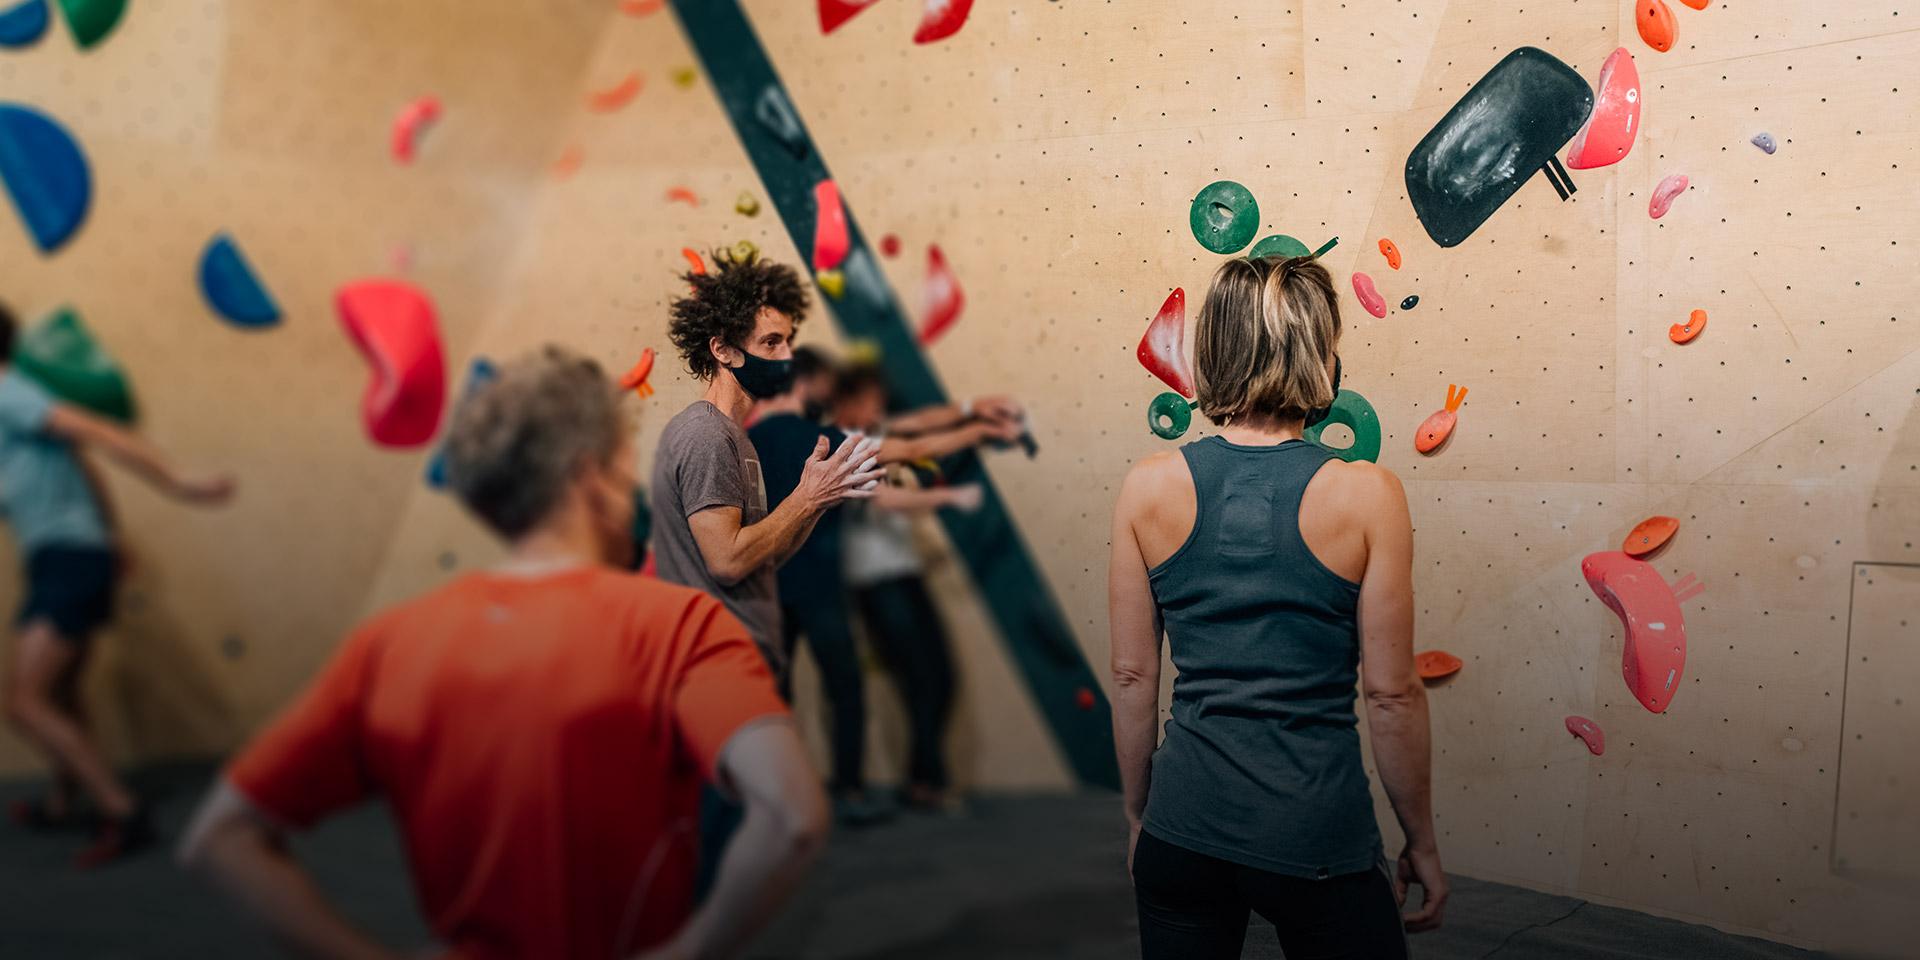 Cours d'escalade à Paris - Climbing District